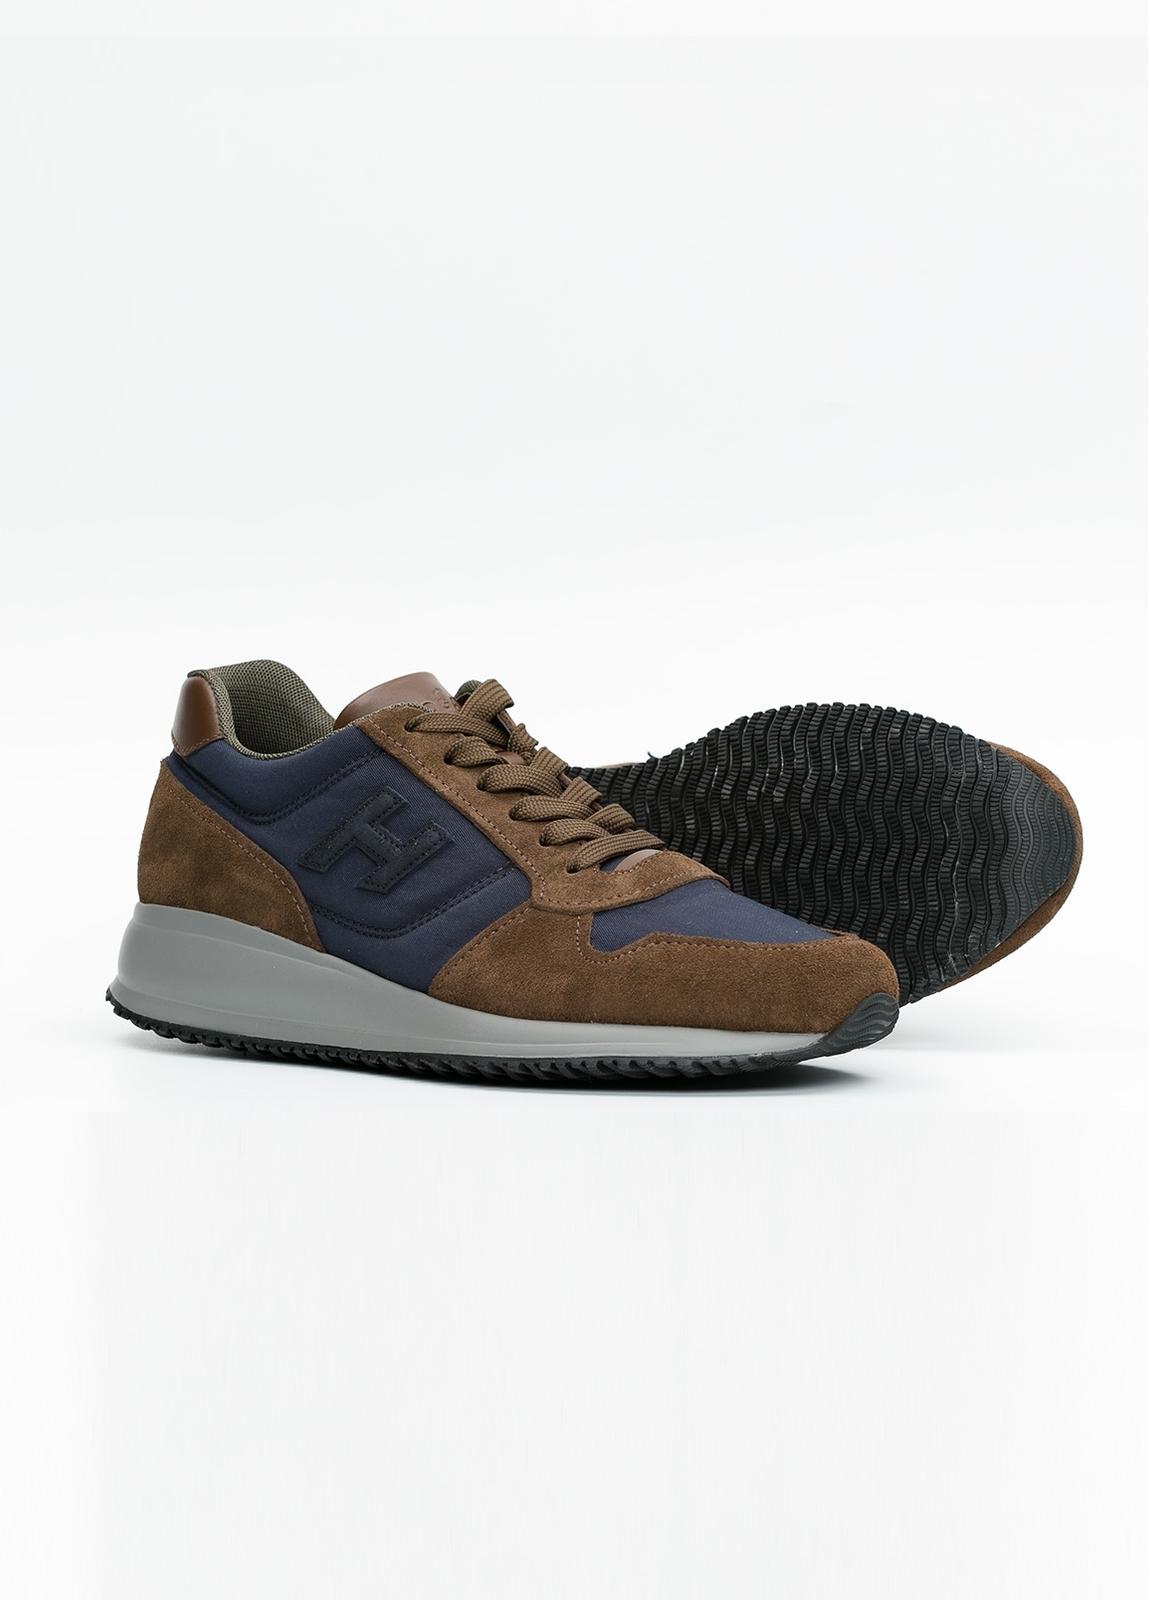 Calzado sport INTERACTIVE color marrón y azul. Combinación de serraje, tejido técnico y apliques en piel. - Ítem1